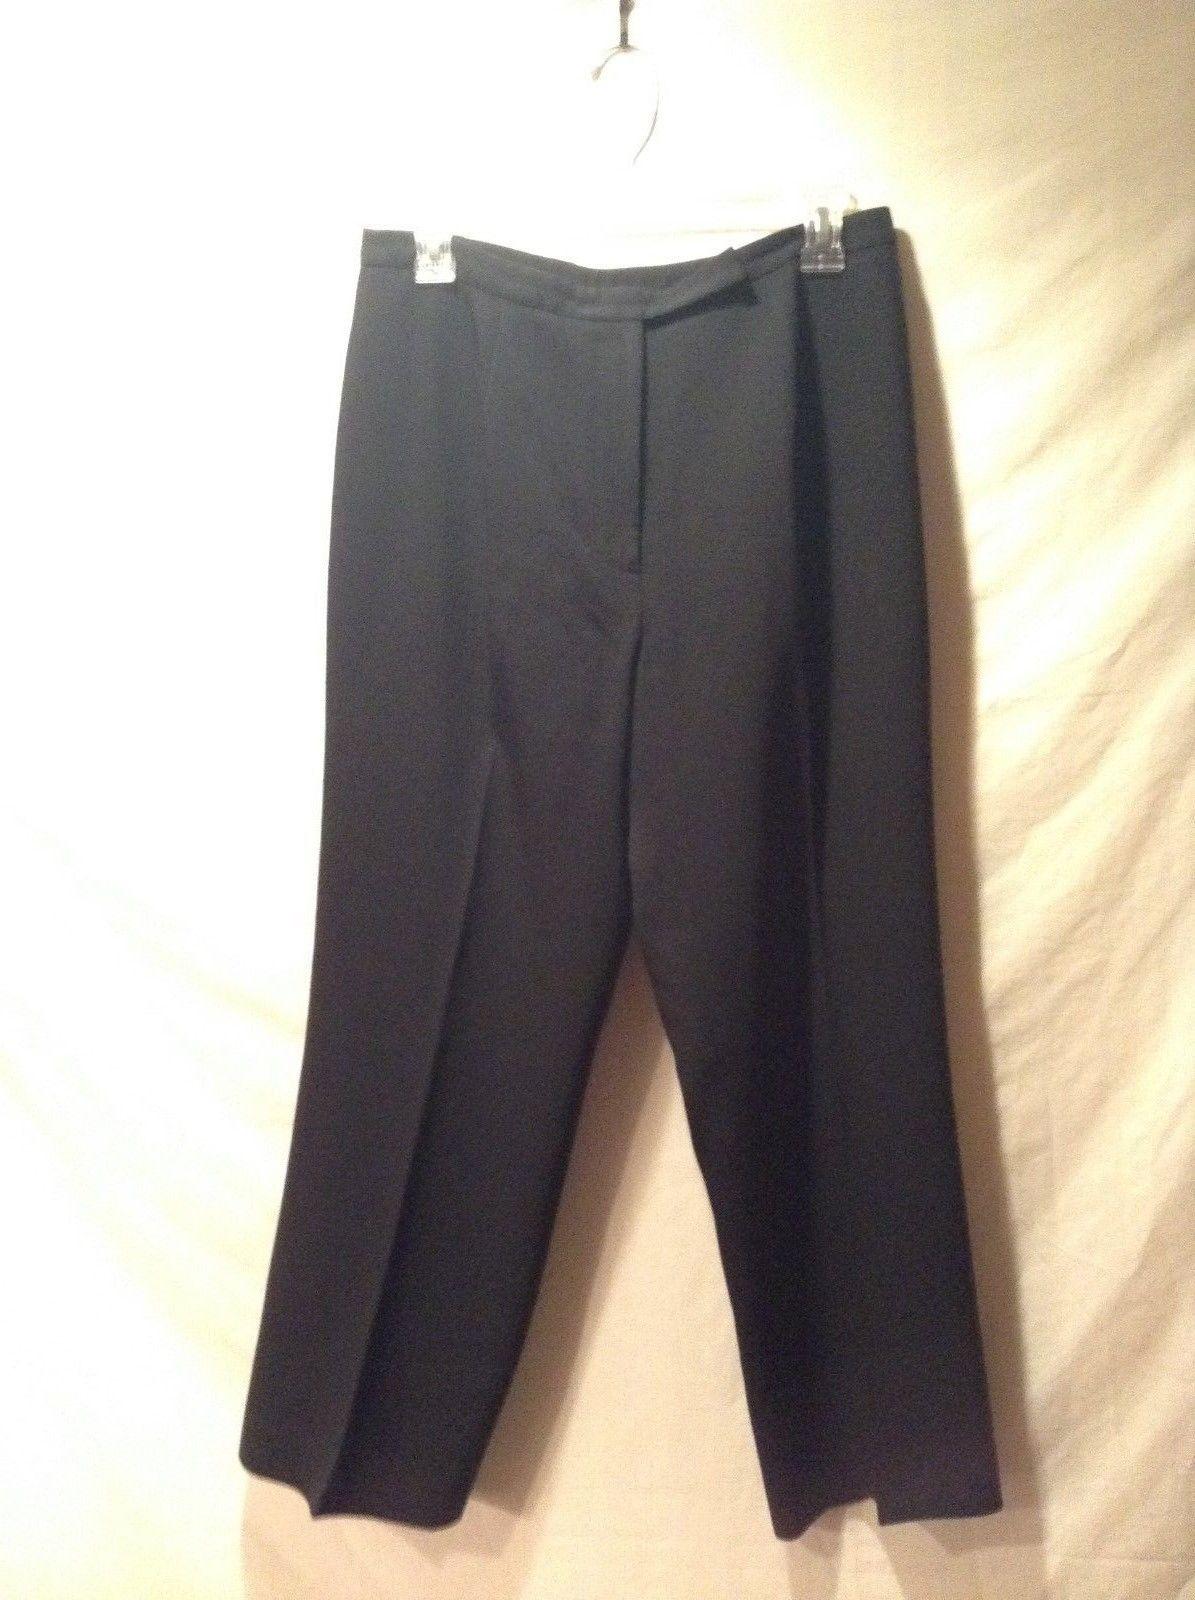 Ann Taylor Petites Black Dress Pants Size 10P